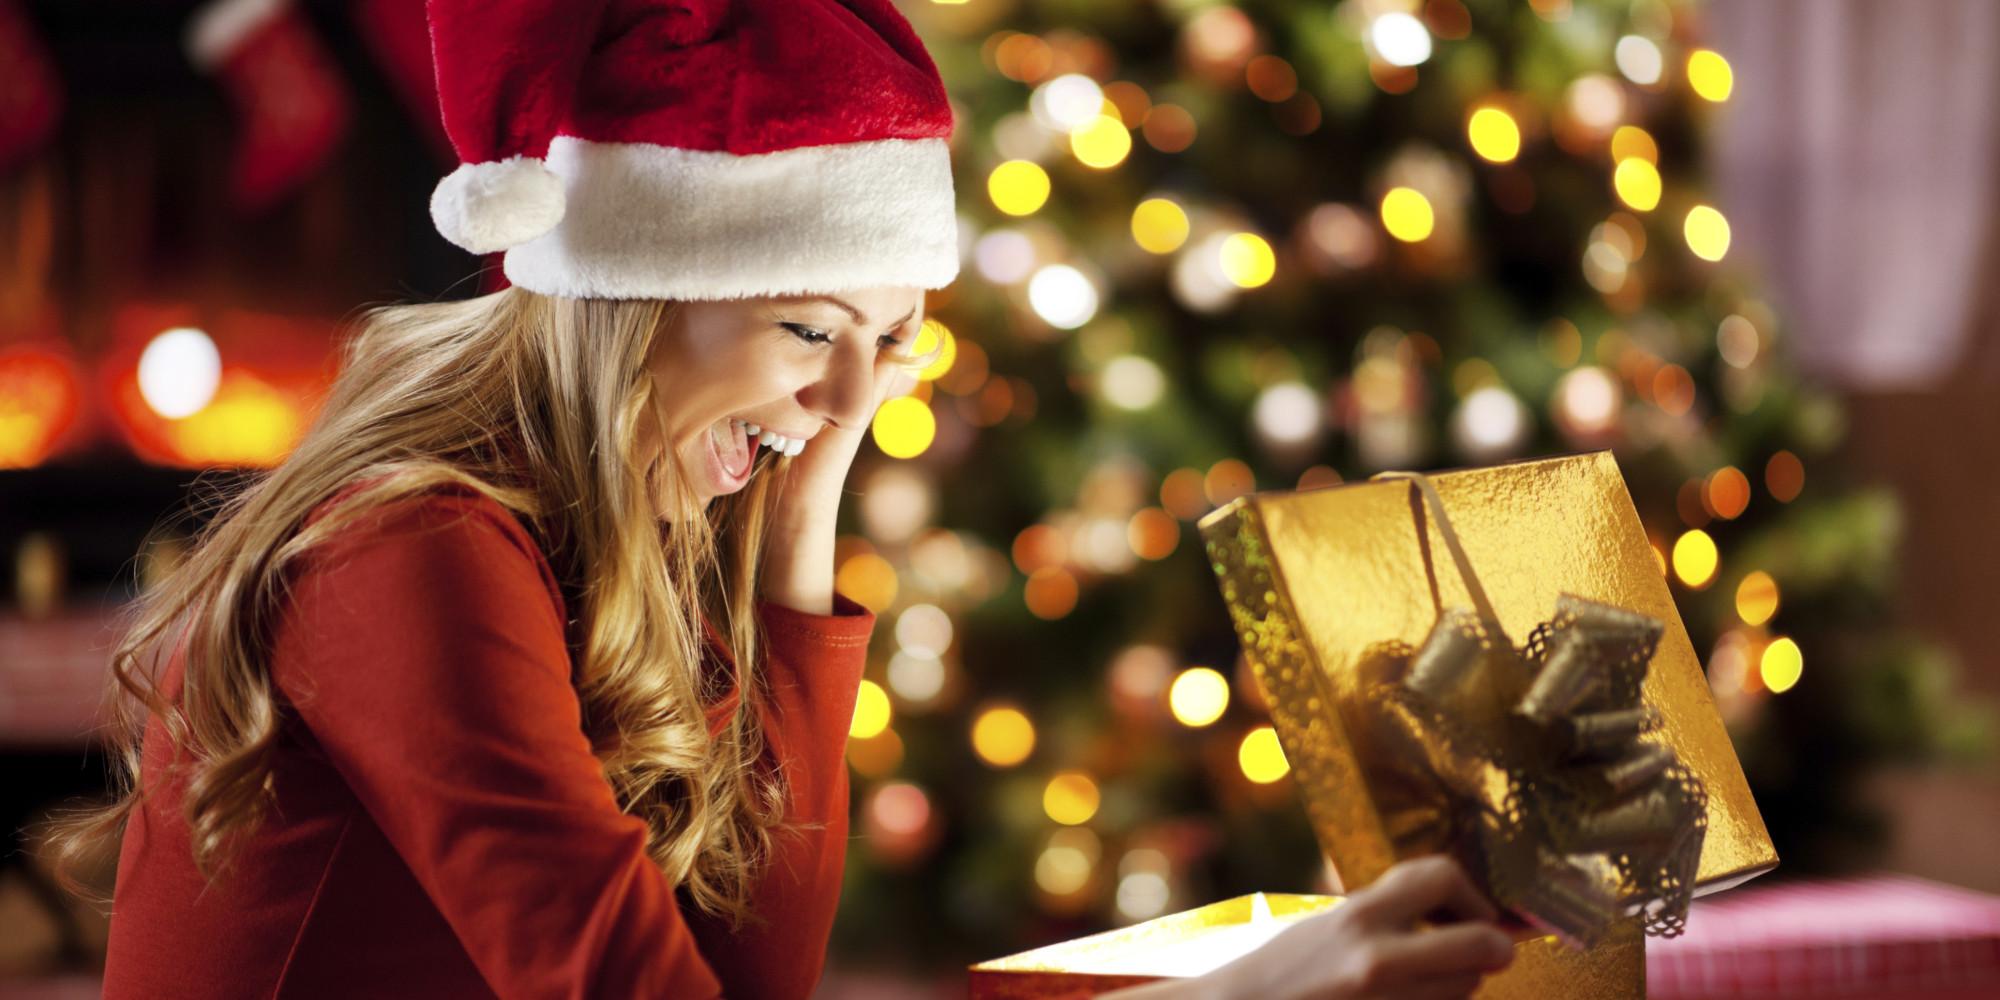 Những món quà Noel ý nghĩa nhưng ít tốn kém dành tặng người thân